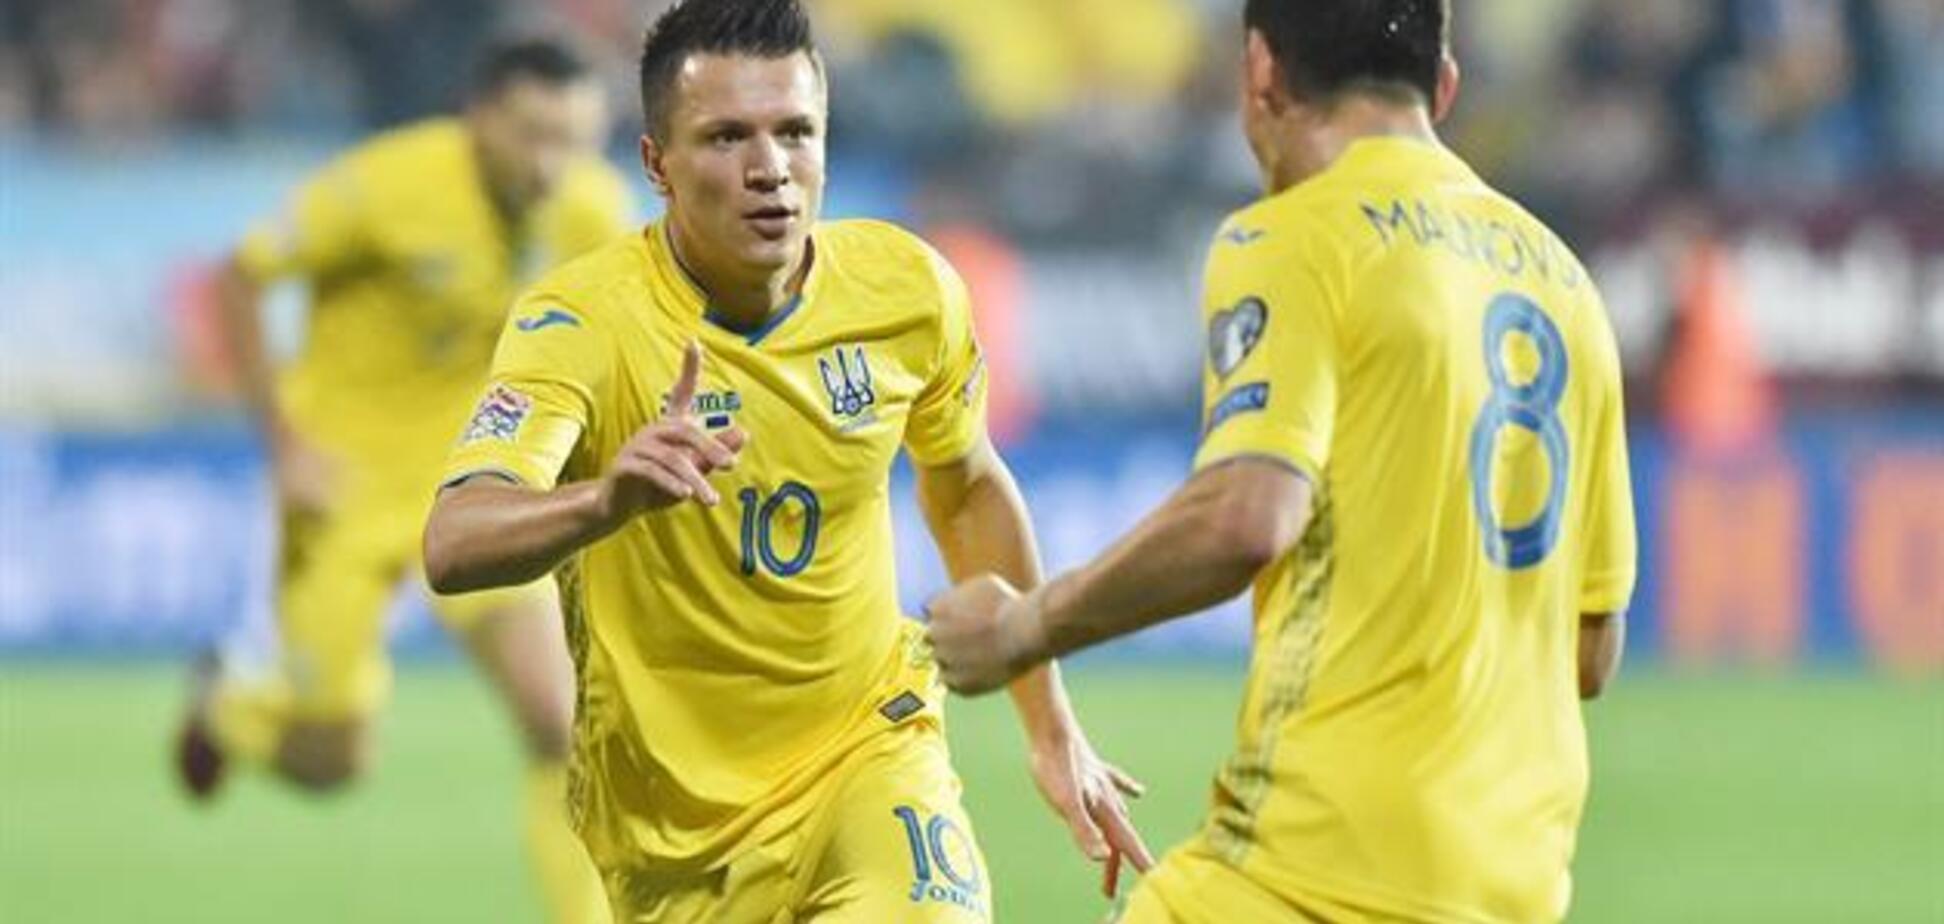 Італія — Україна: онлайн-трансляція товариського матчу